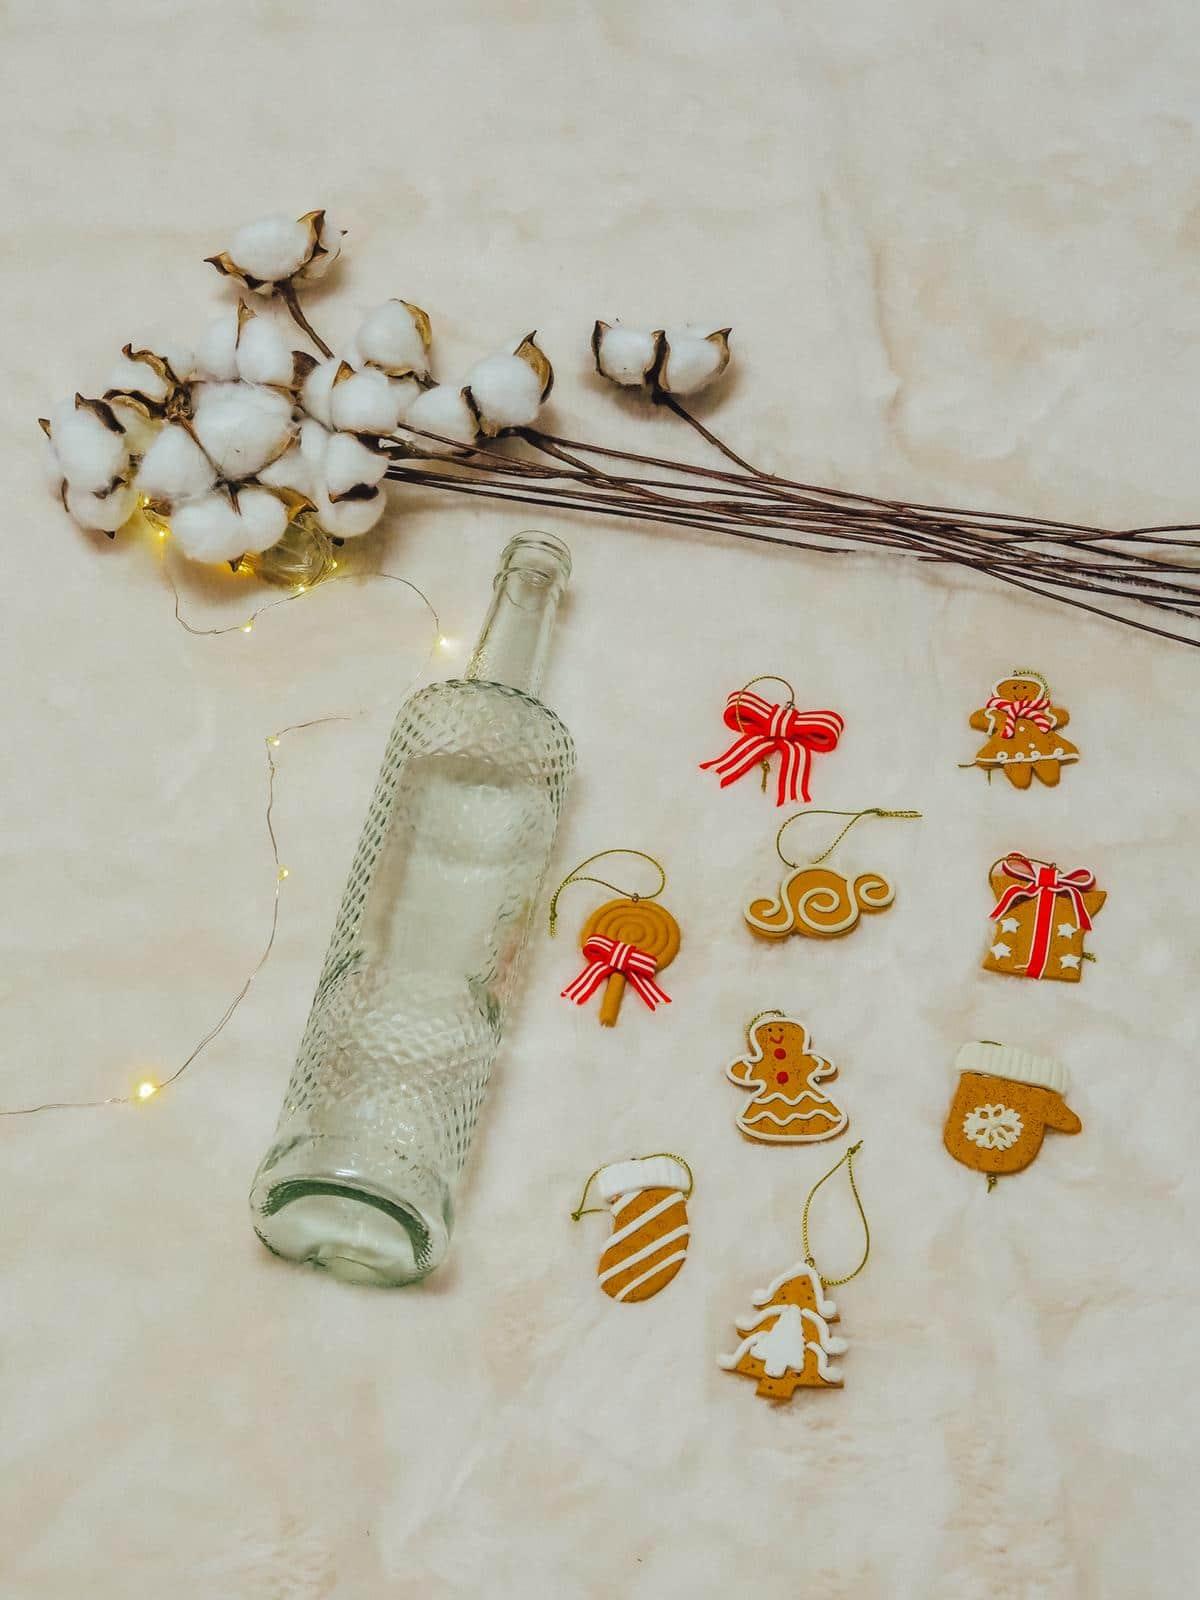 Die DIY Schneezauber Leuchtflasche sieht toll aus.